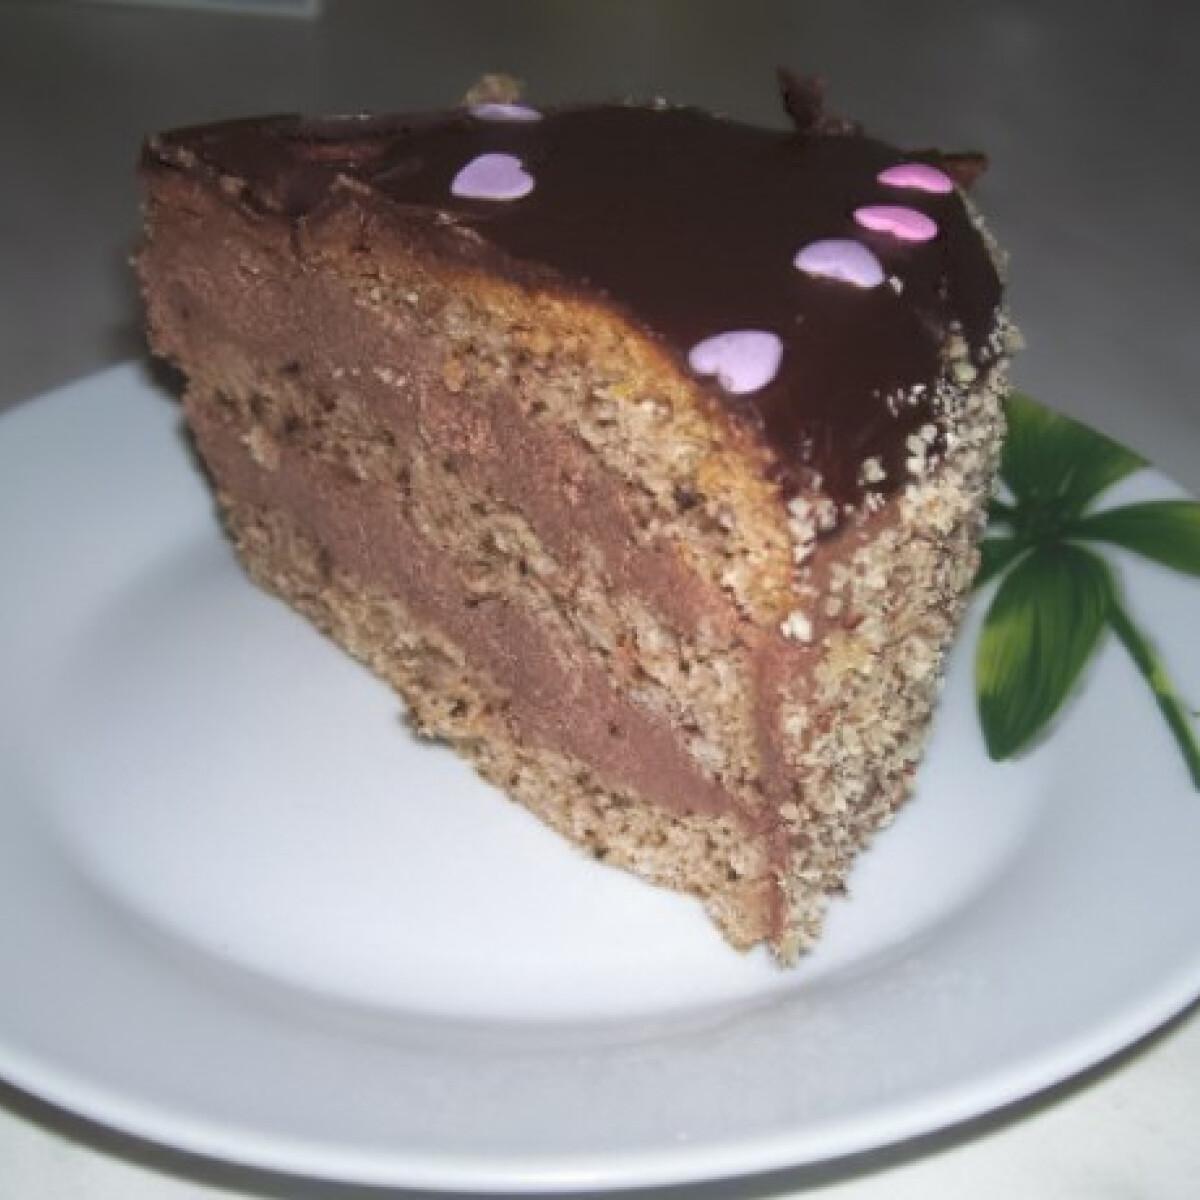 Csokikrémes torta vera konyhájából